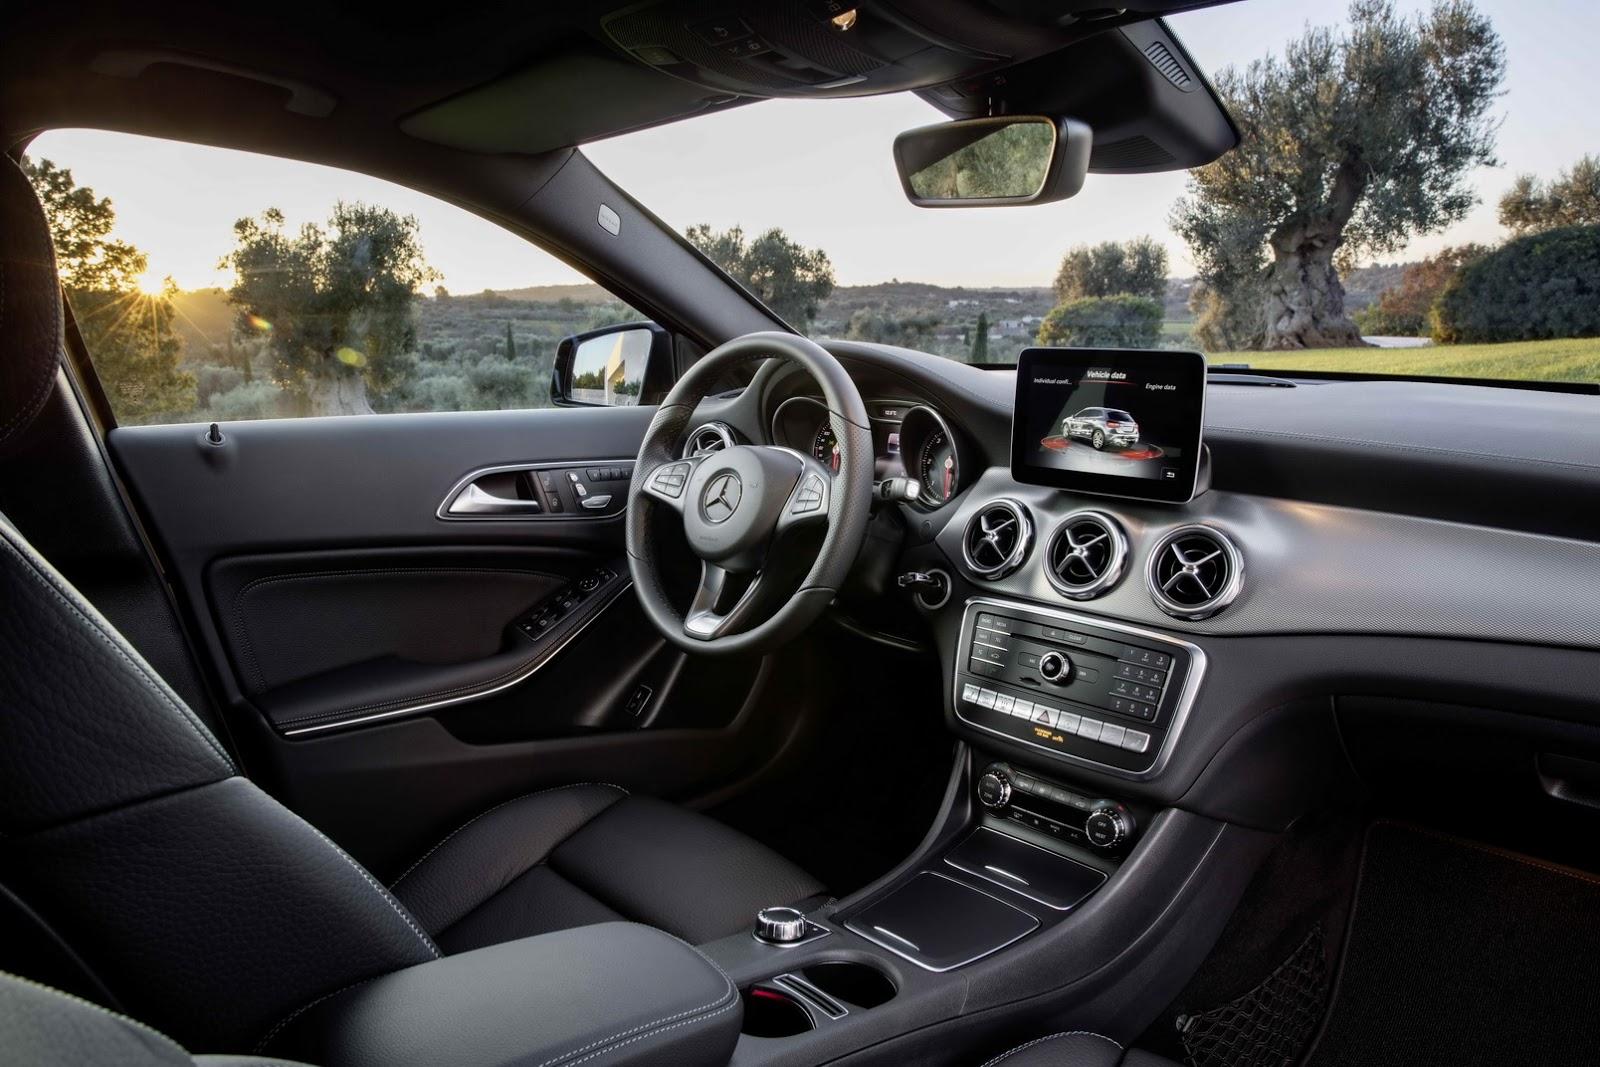 Mercedes GLA facelift and GLA 45 AMG facelift 2017 (24)